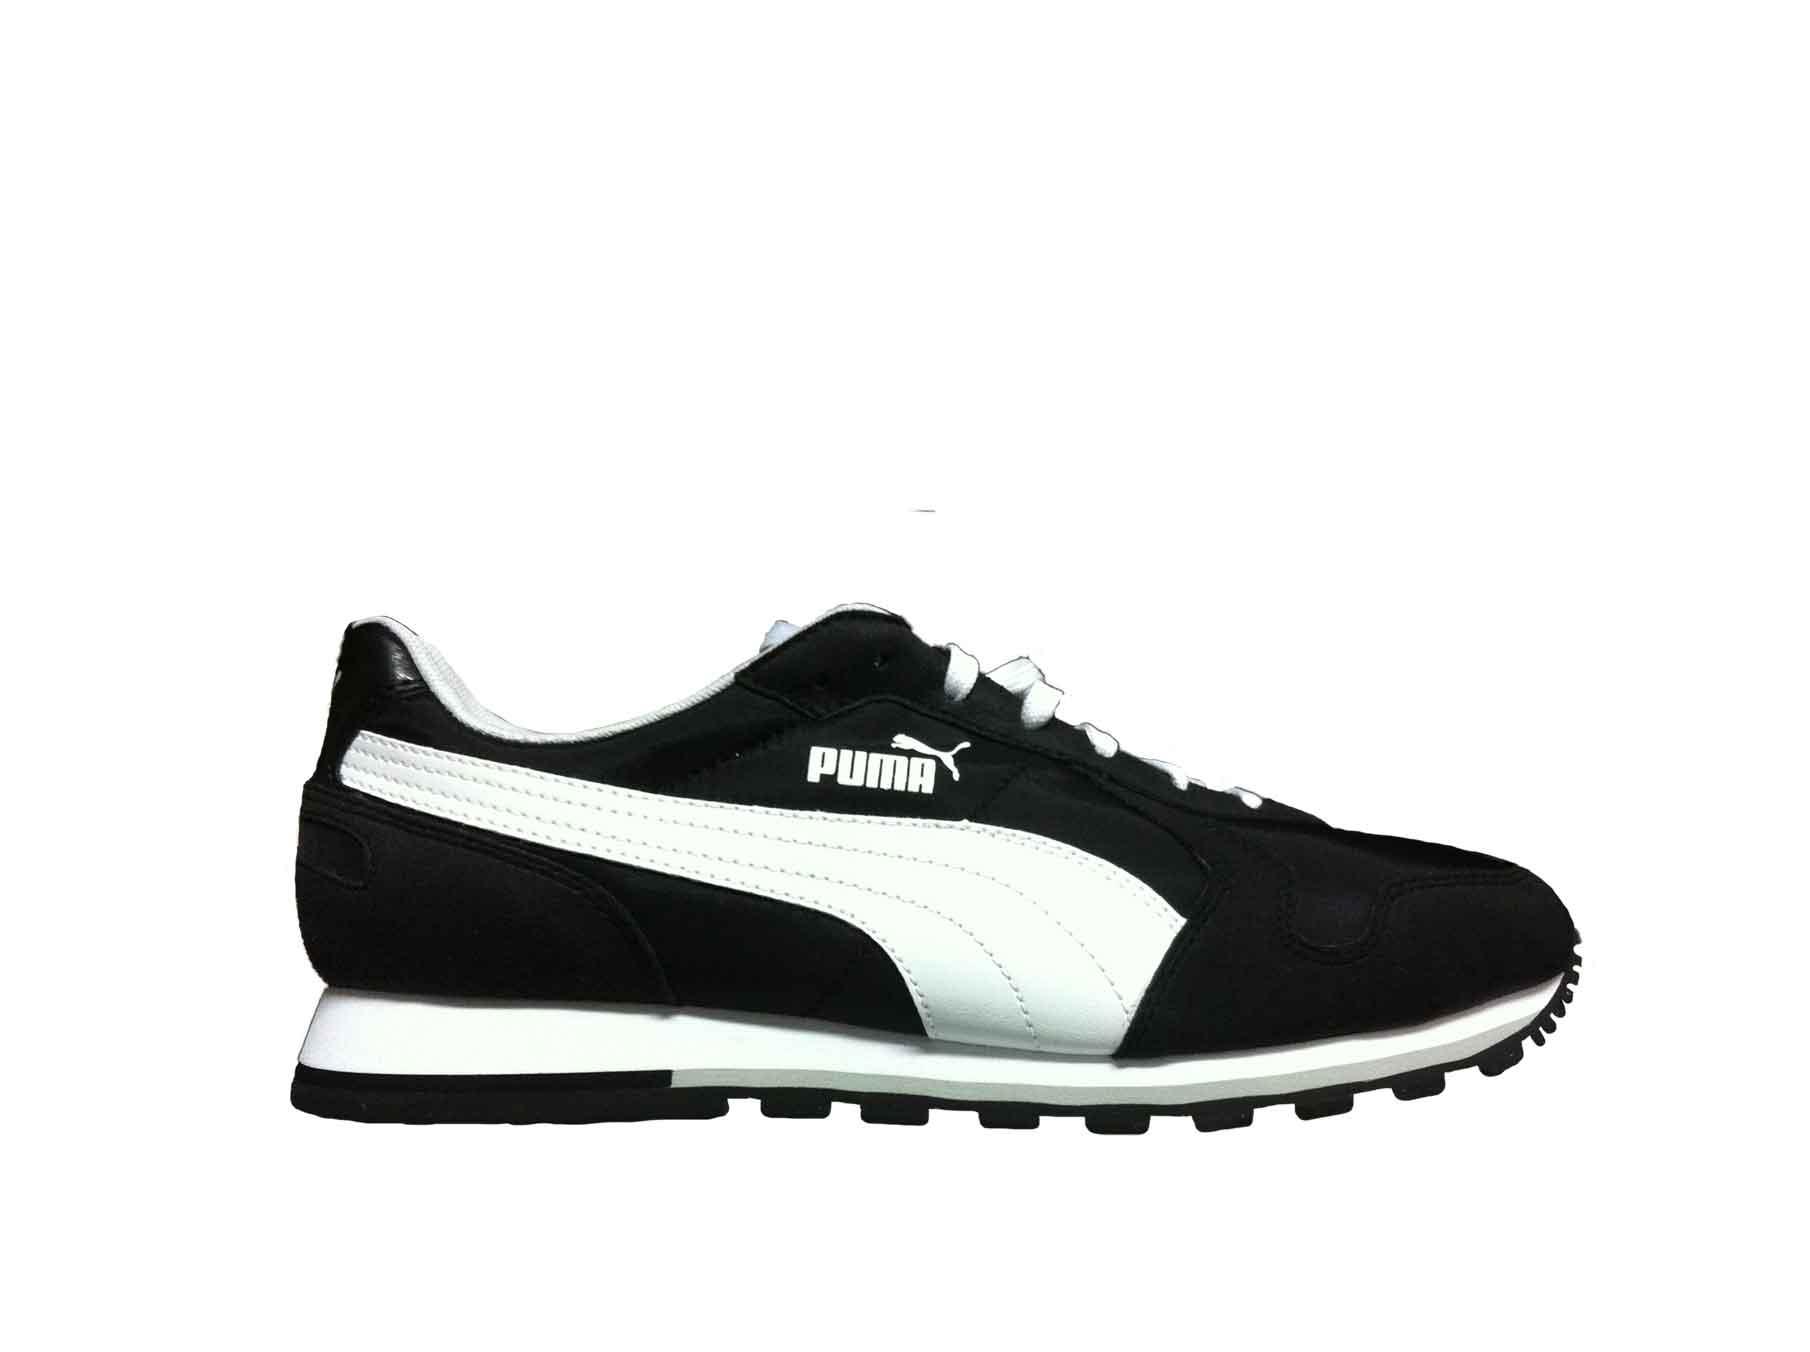 Combinar Con El Cómo Zapatos Adecuado Tipo De Pantalón fqxd7Edz